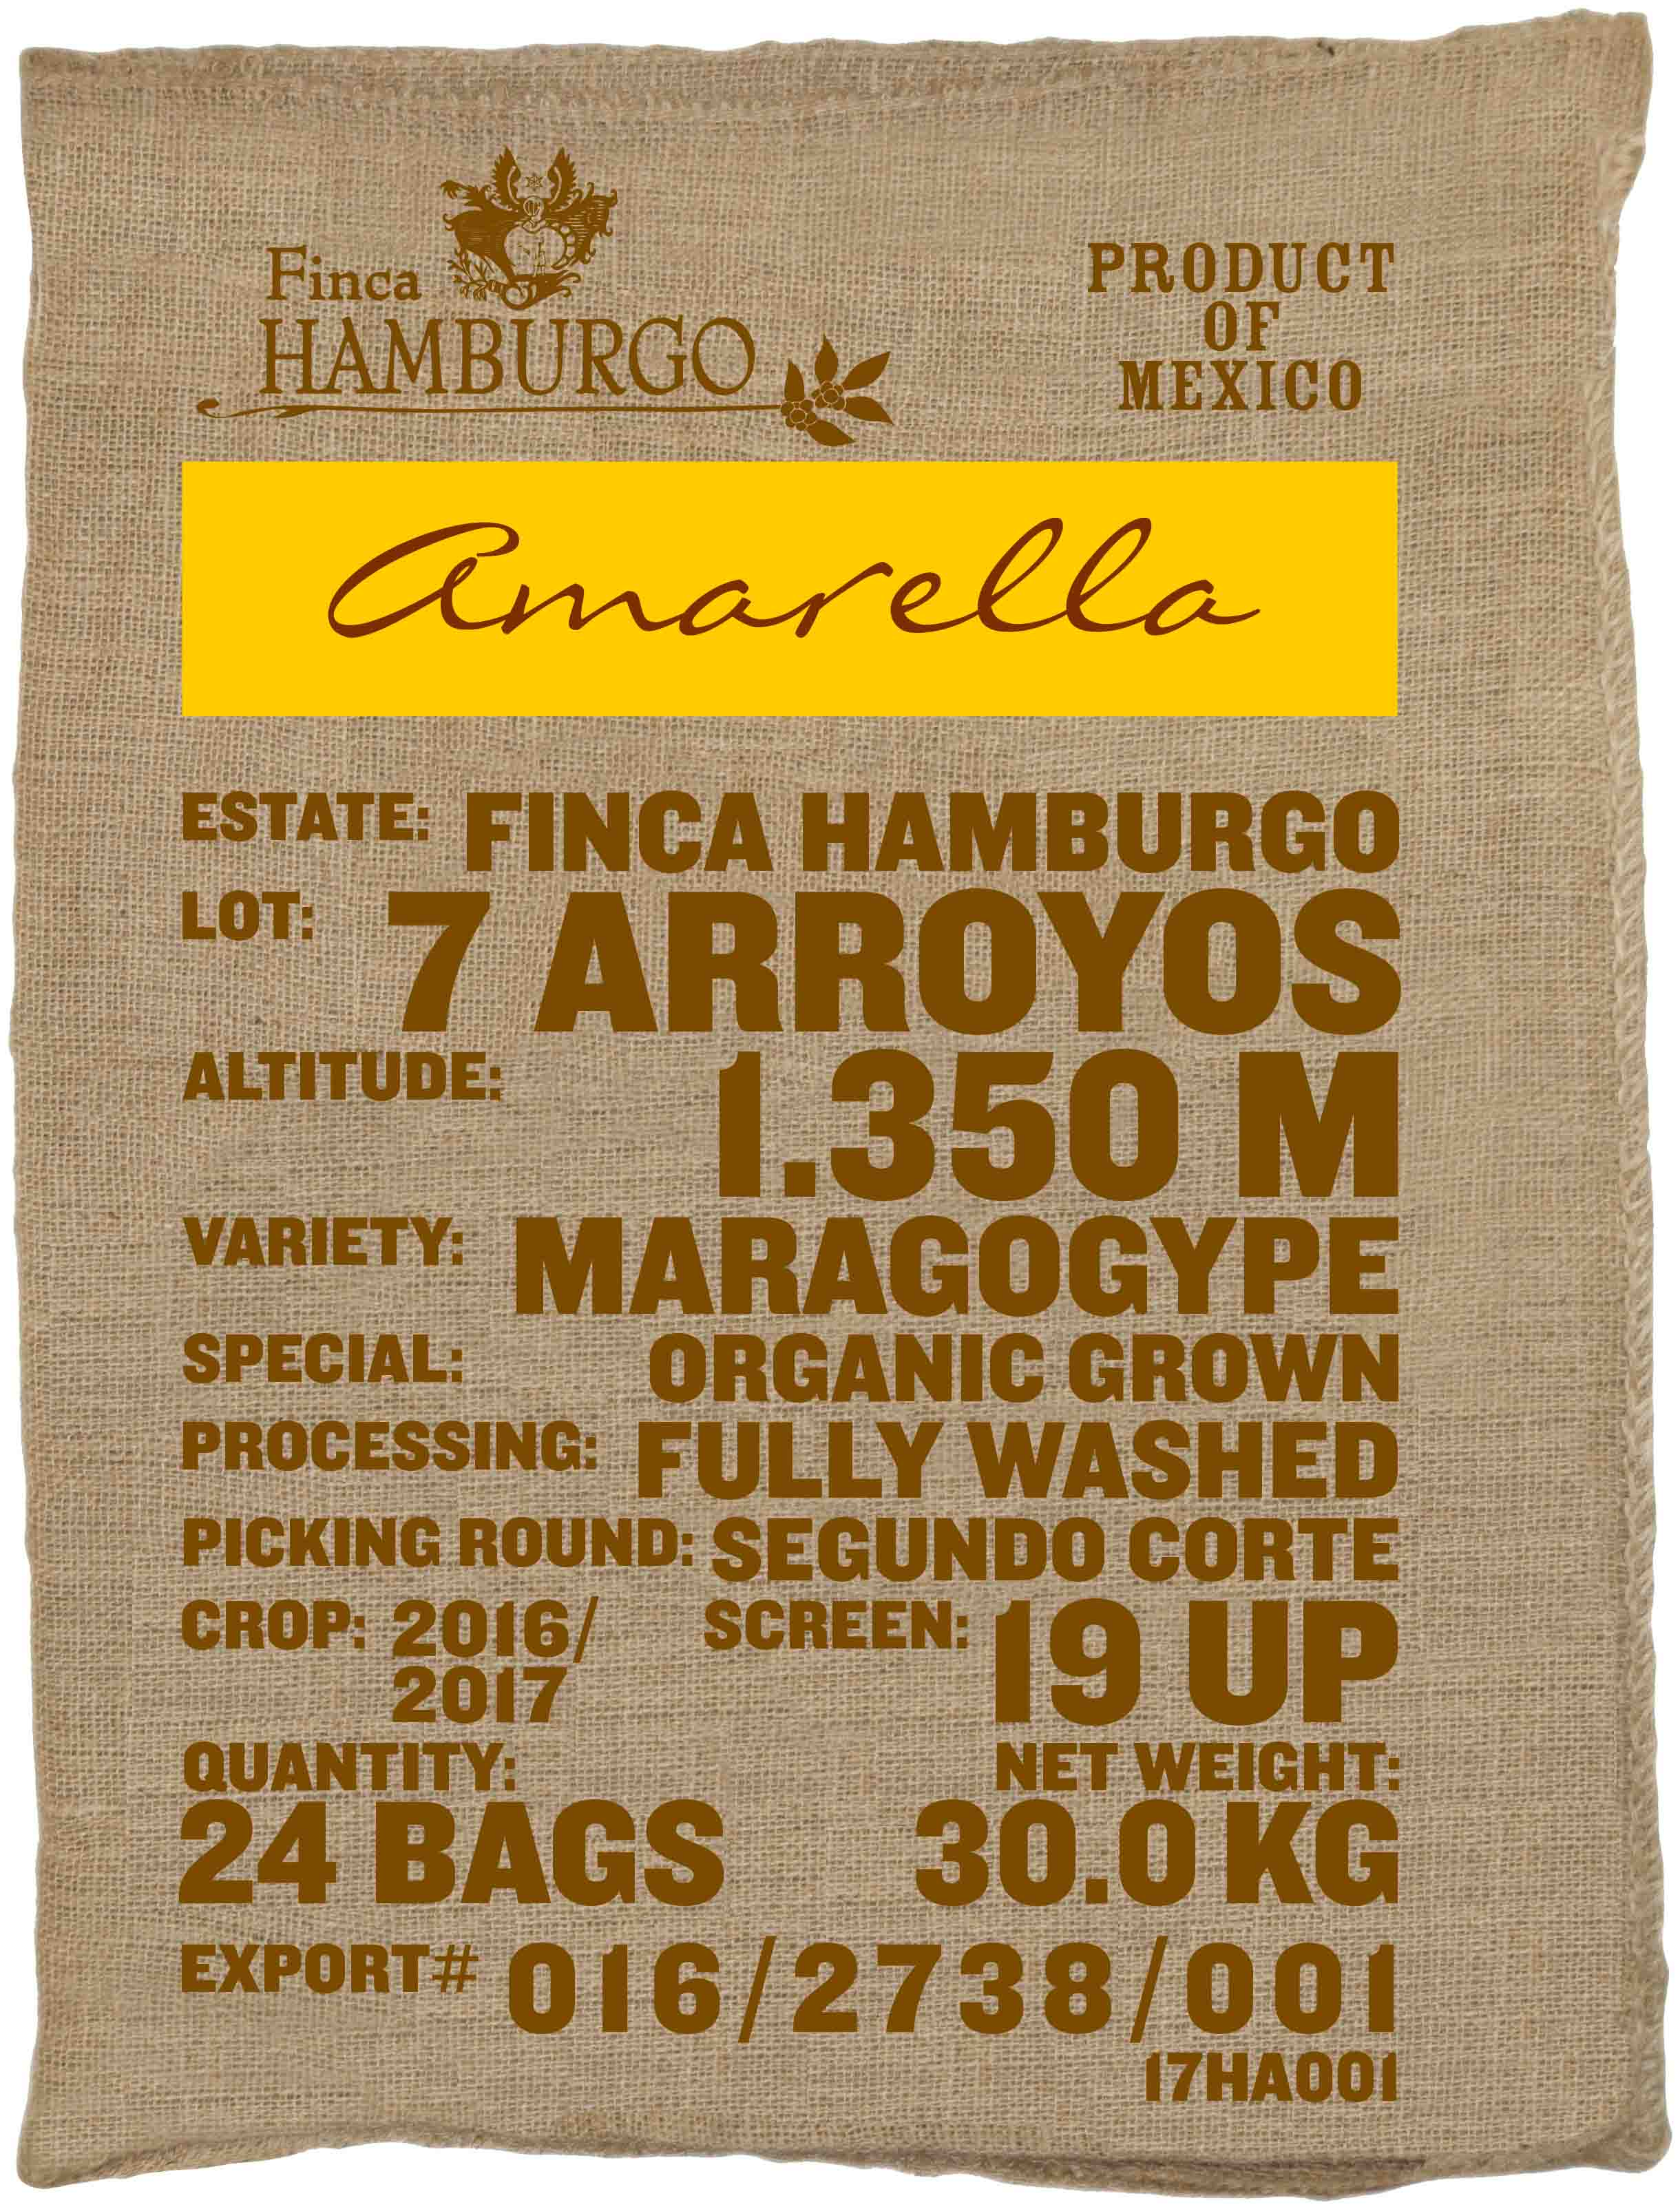 Ein Rohkaffeesack amarella Parzellenkaffee Varietät Maragogype. Finca Hamburgo Lot 7 Arroyos.